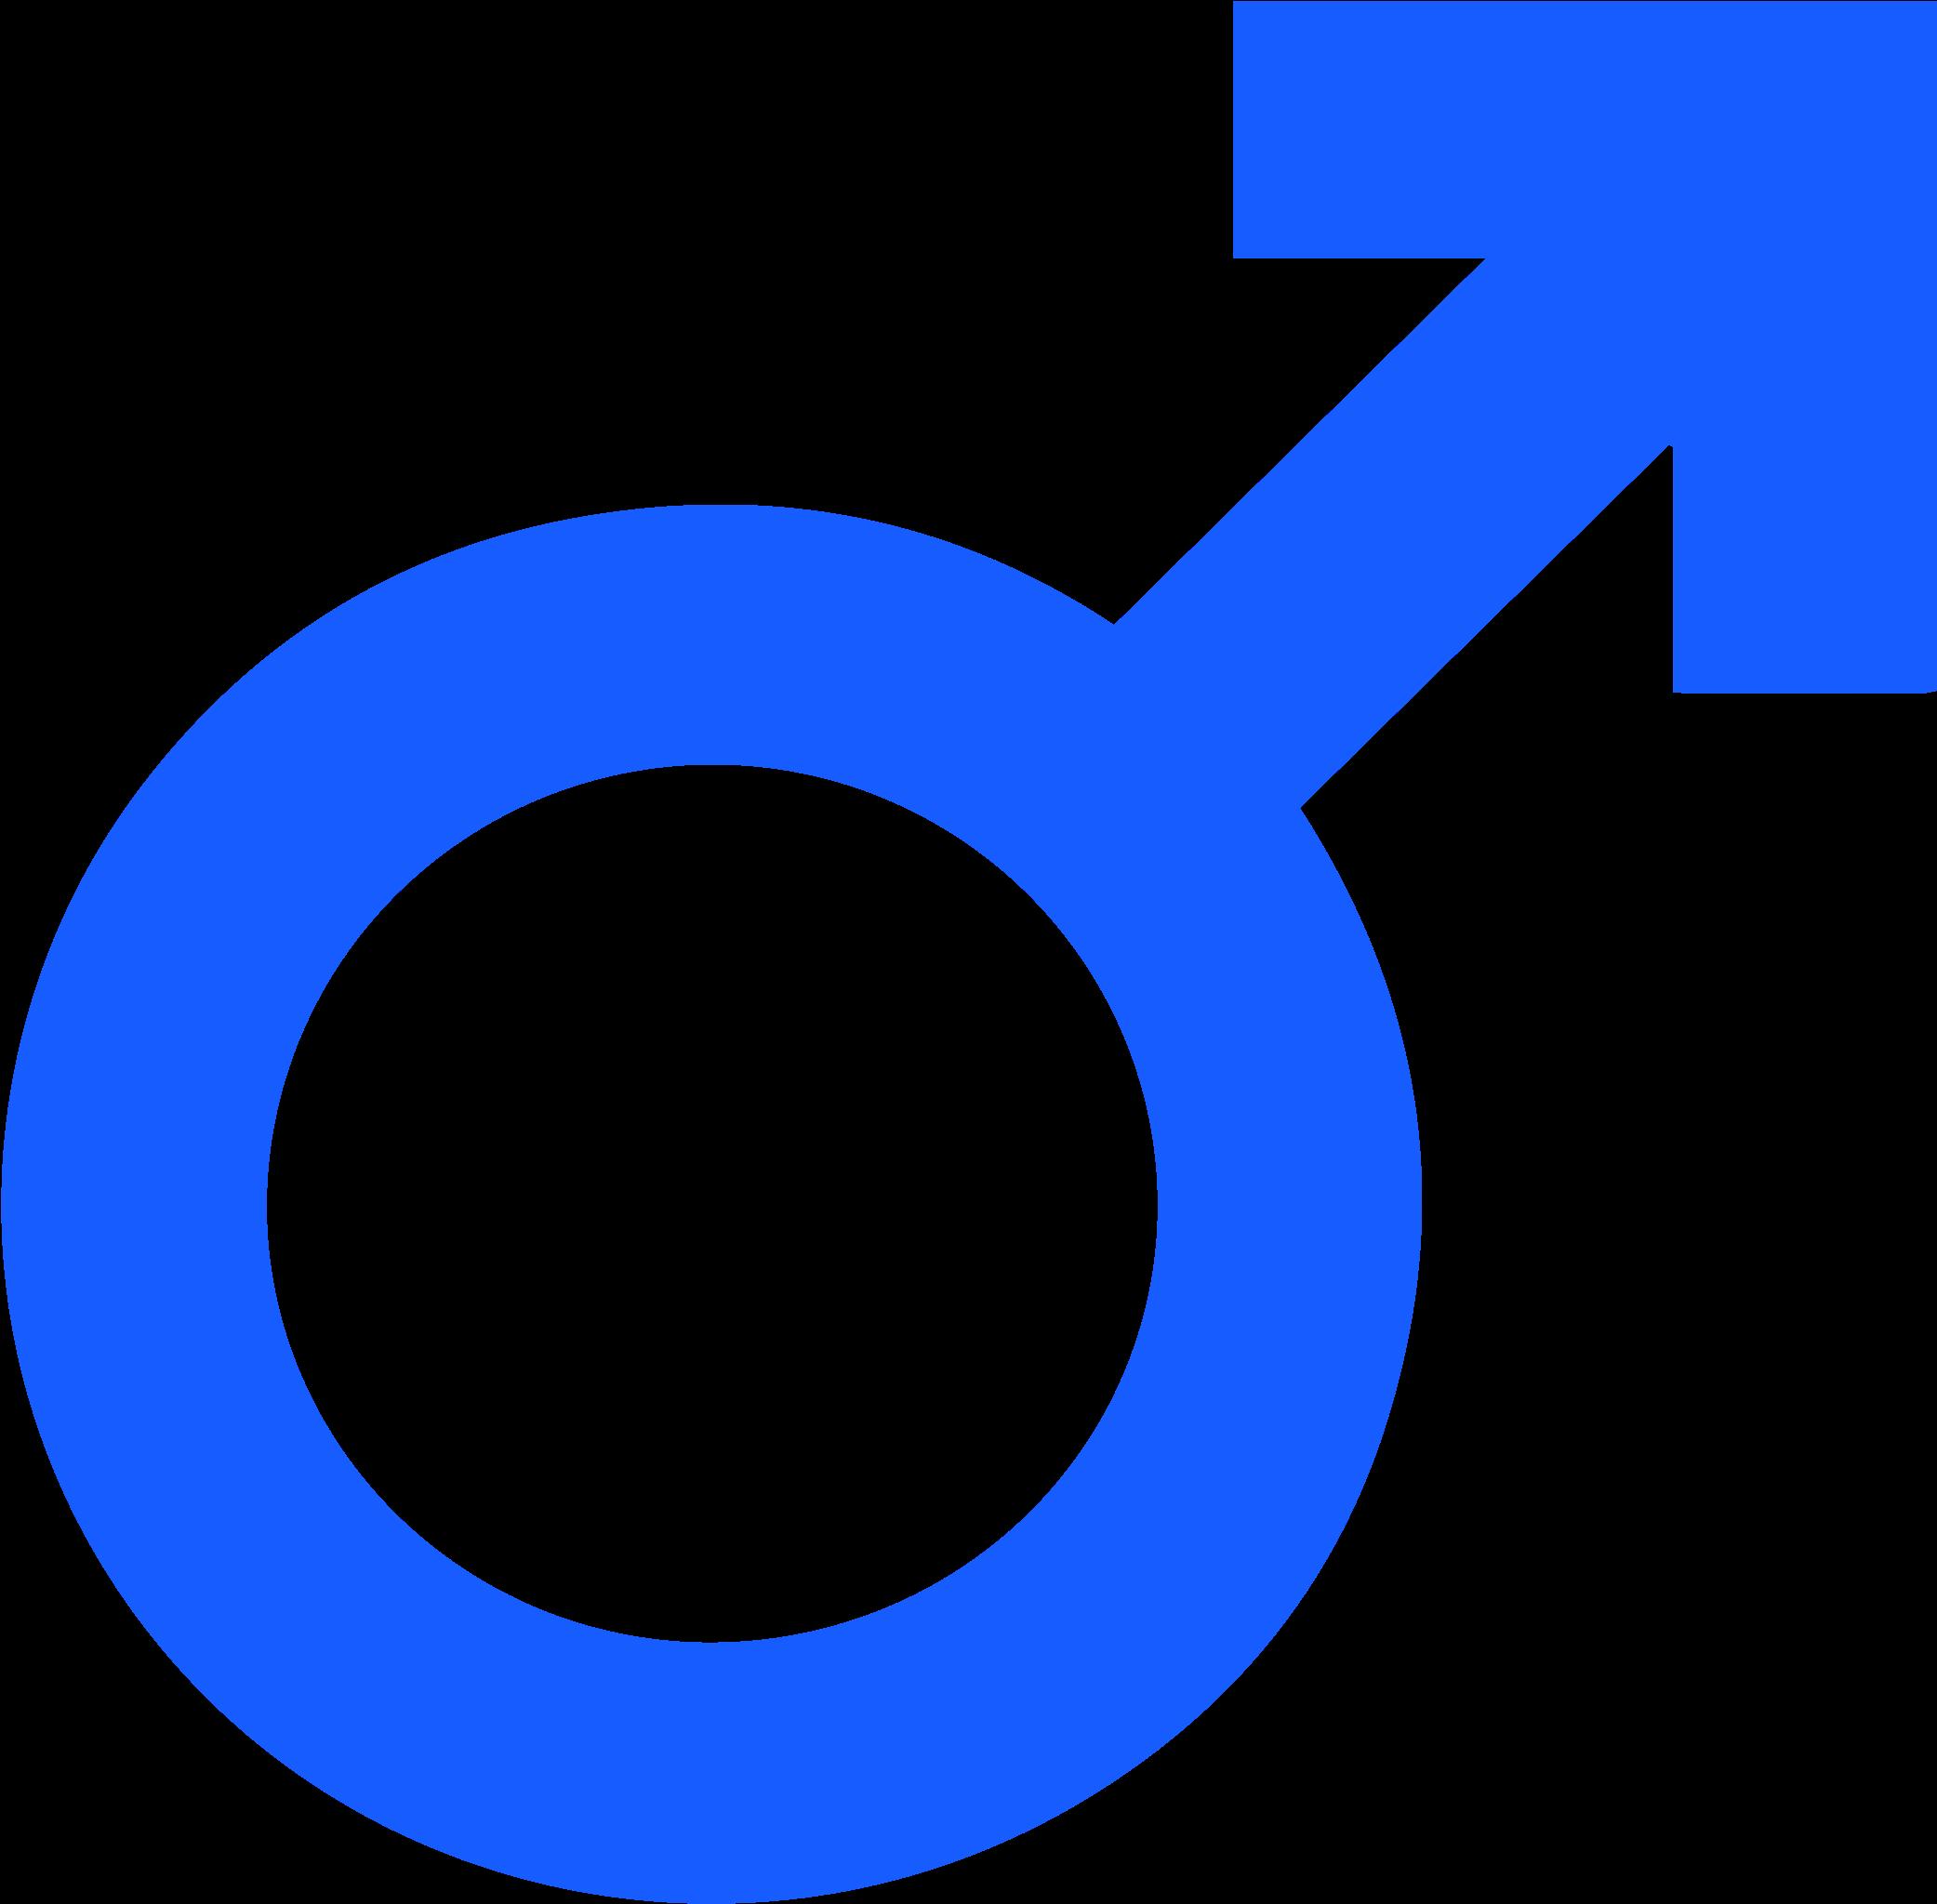 символ мужского начала картинка подойдет для вас